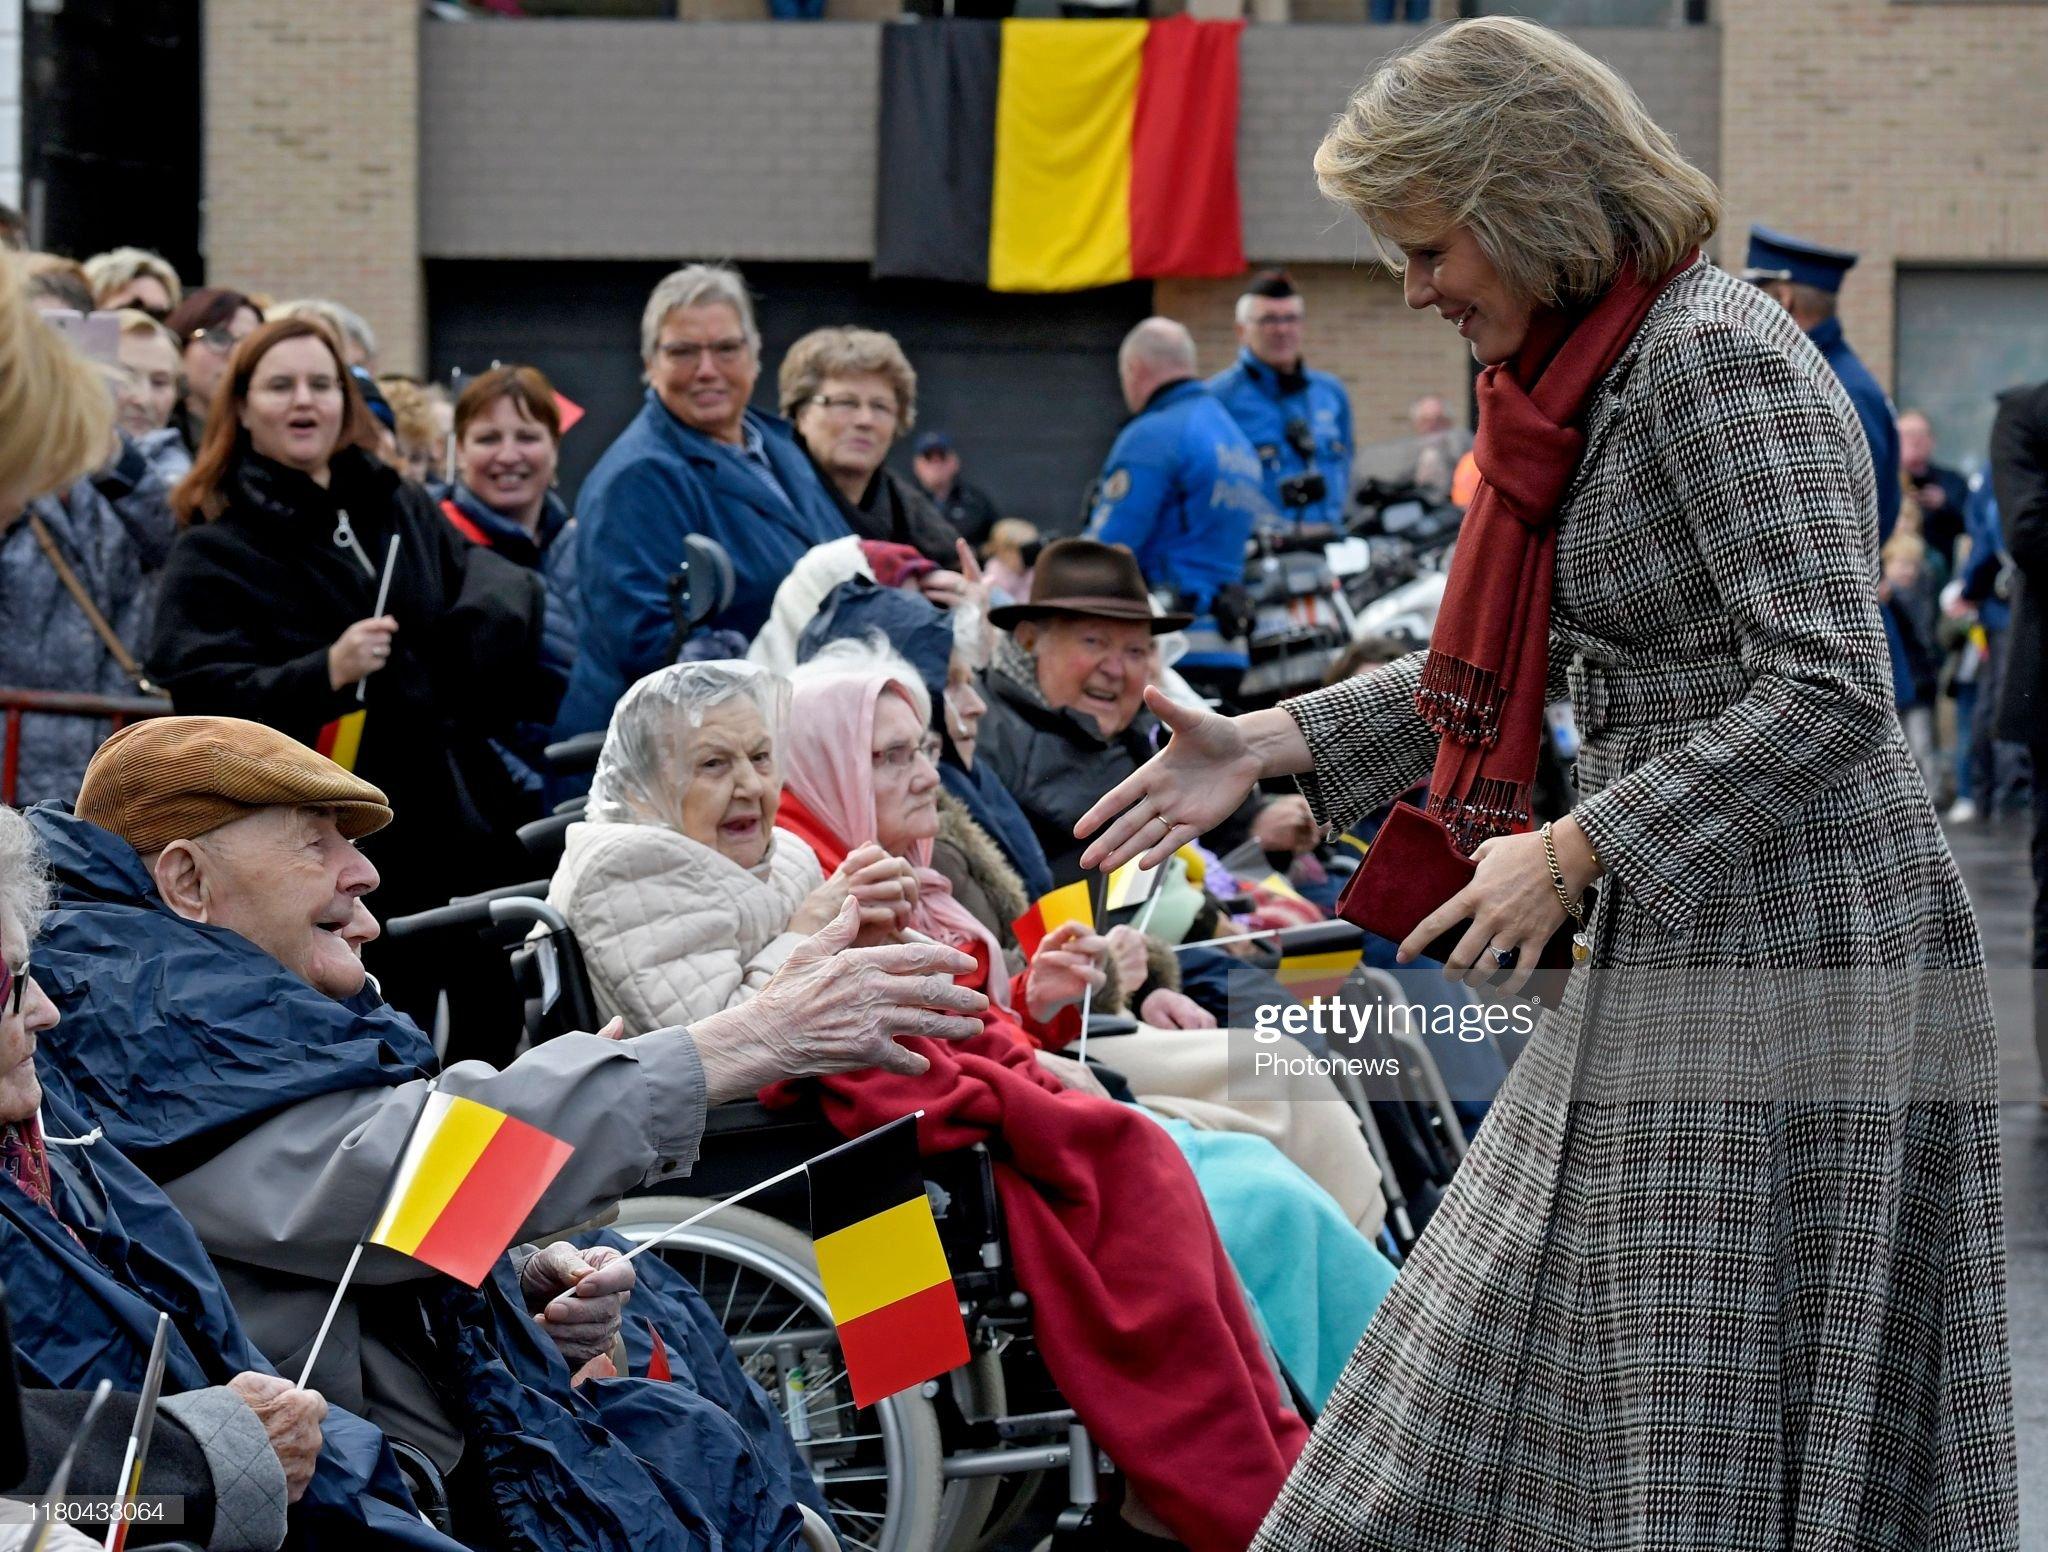 pittem-belgium-november-6-2019-ontmoeting-met-de-bevolking-rencontre-picture-id1180433064